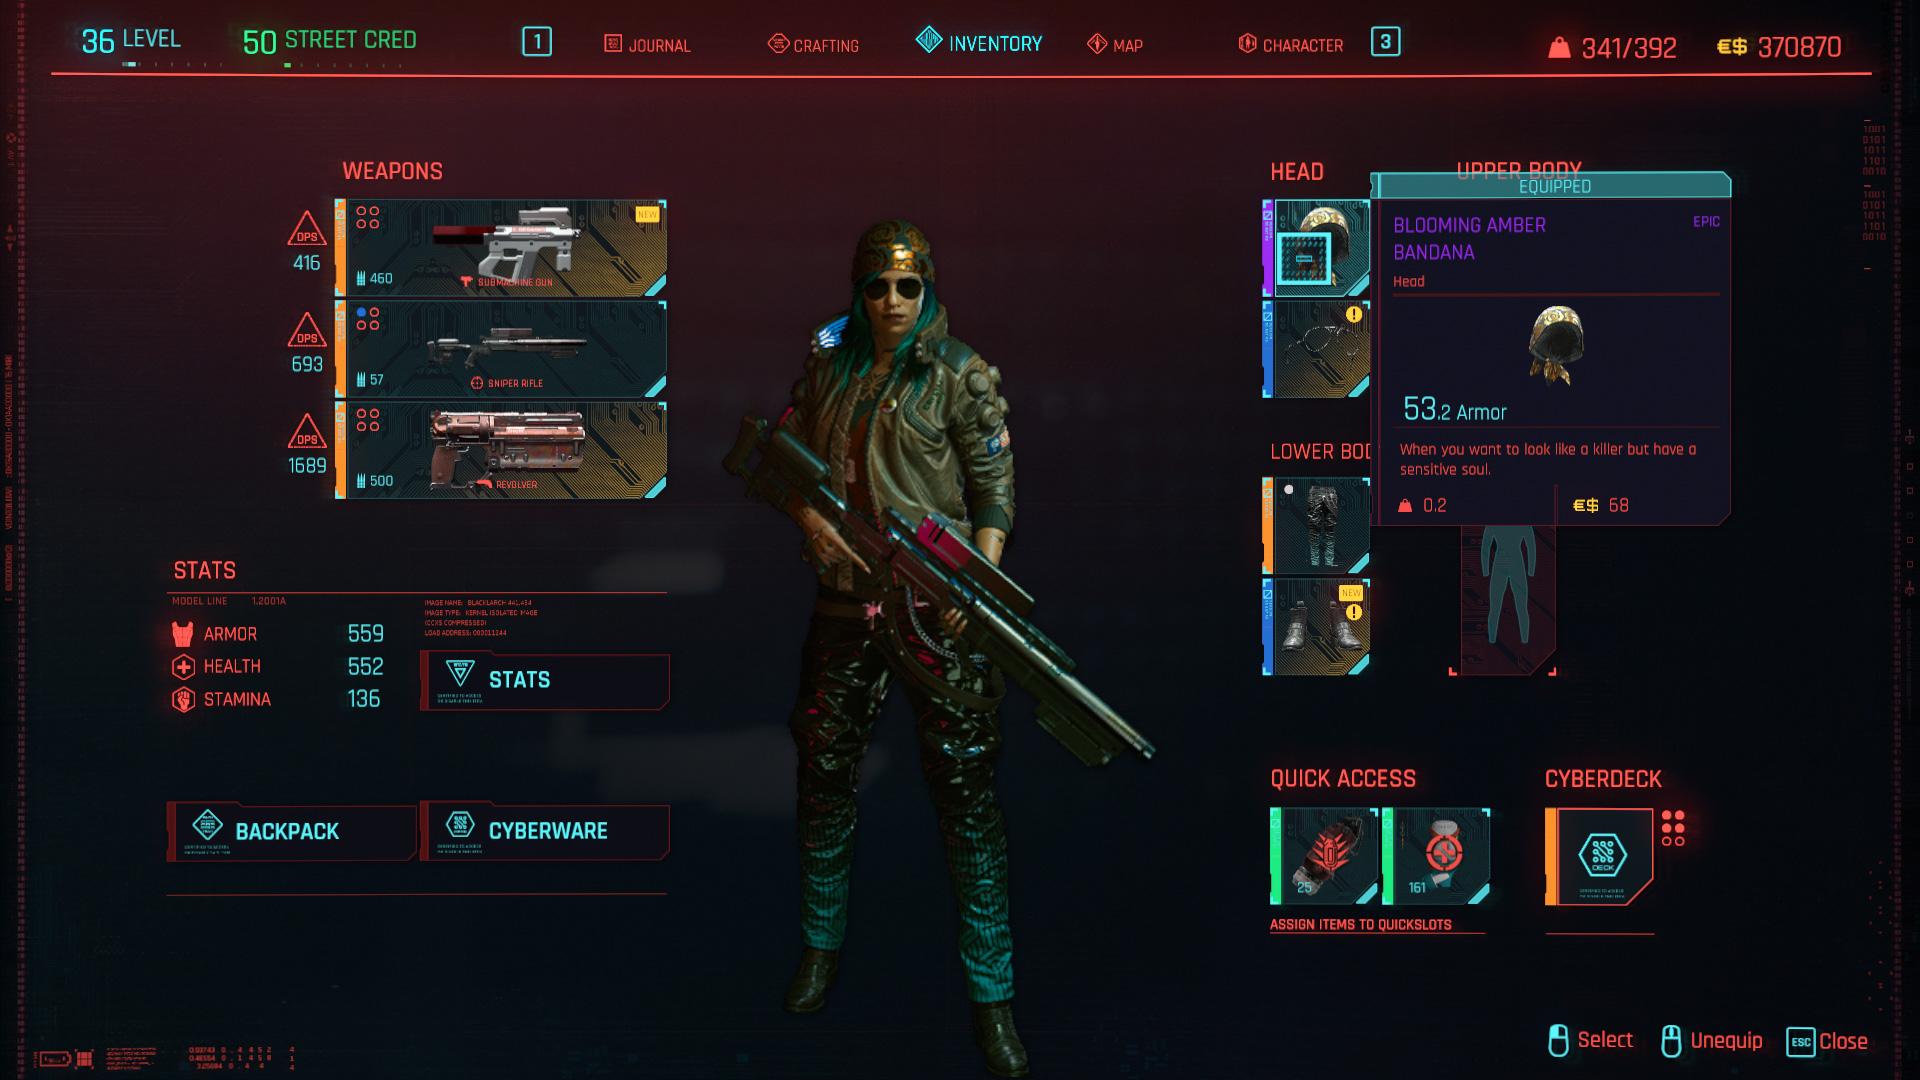 Tous les vêtements légendaires et emblématiques de Cyberpunk 2077 - Blooming Amber Bandana